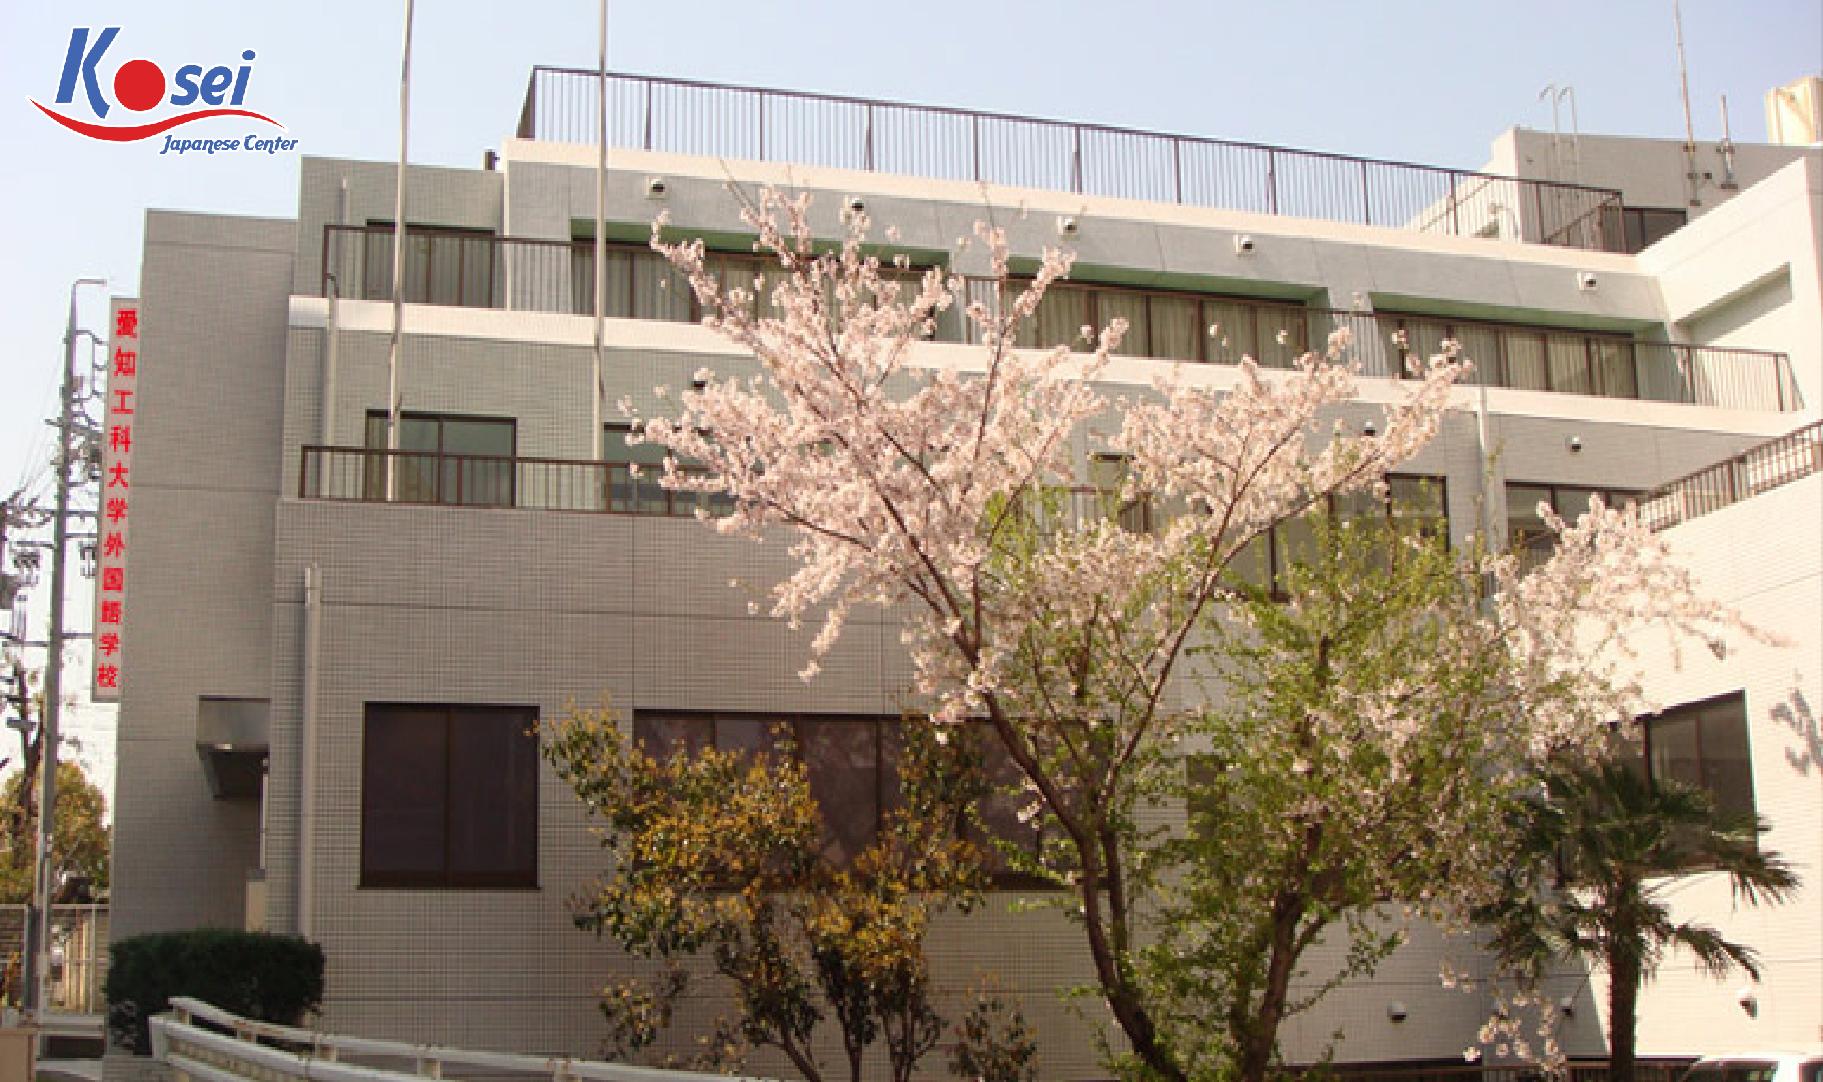 Học Nhật ngữ tốt nhất tại Nhật Bản - Viện Ngoại ngữ - Đại học Công nghệ Aichi